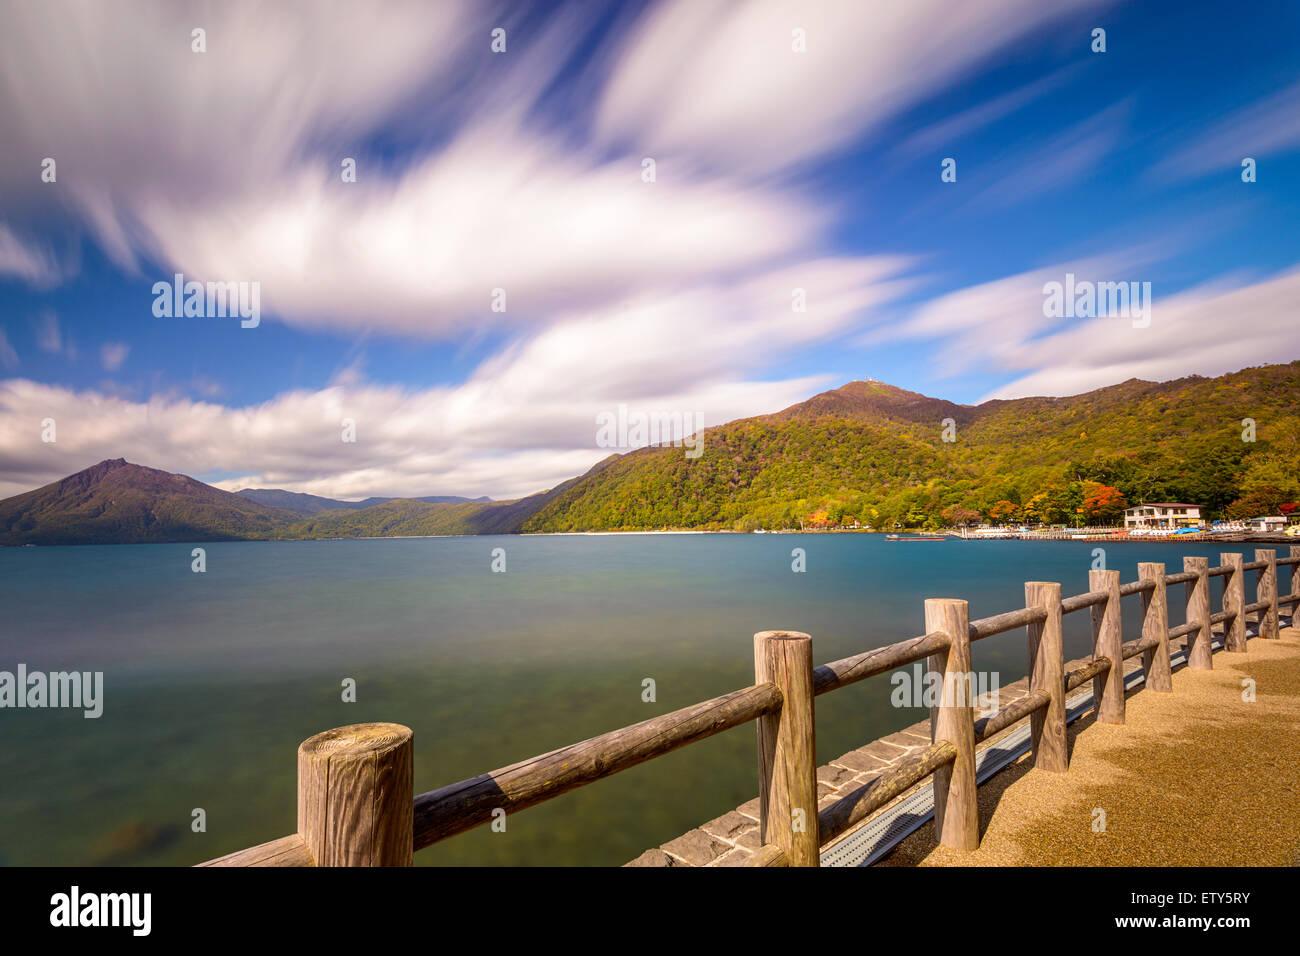 Parque Nacional Shikotsu-Toya, Japón en el lago Shikotsu. Imagen De Stock